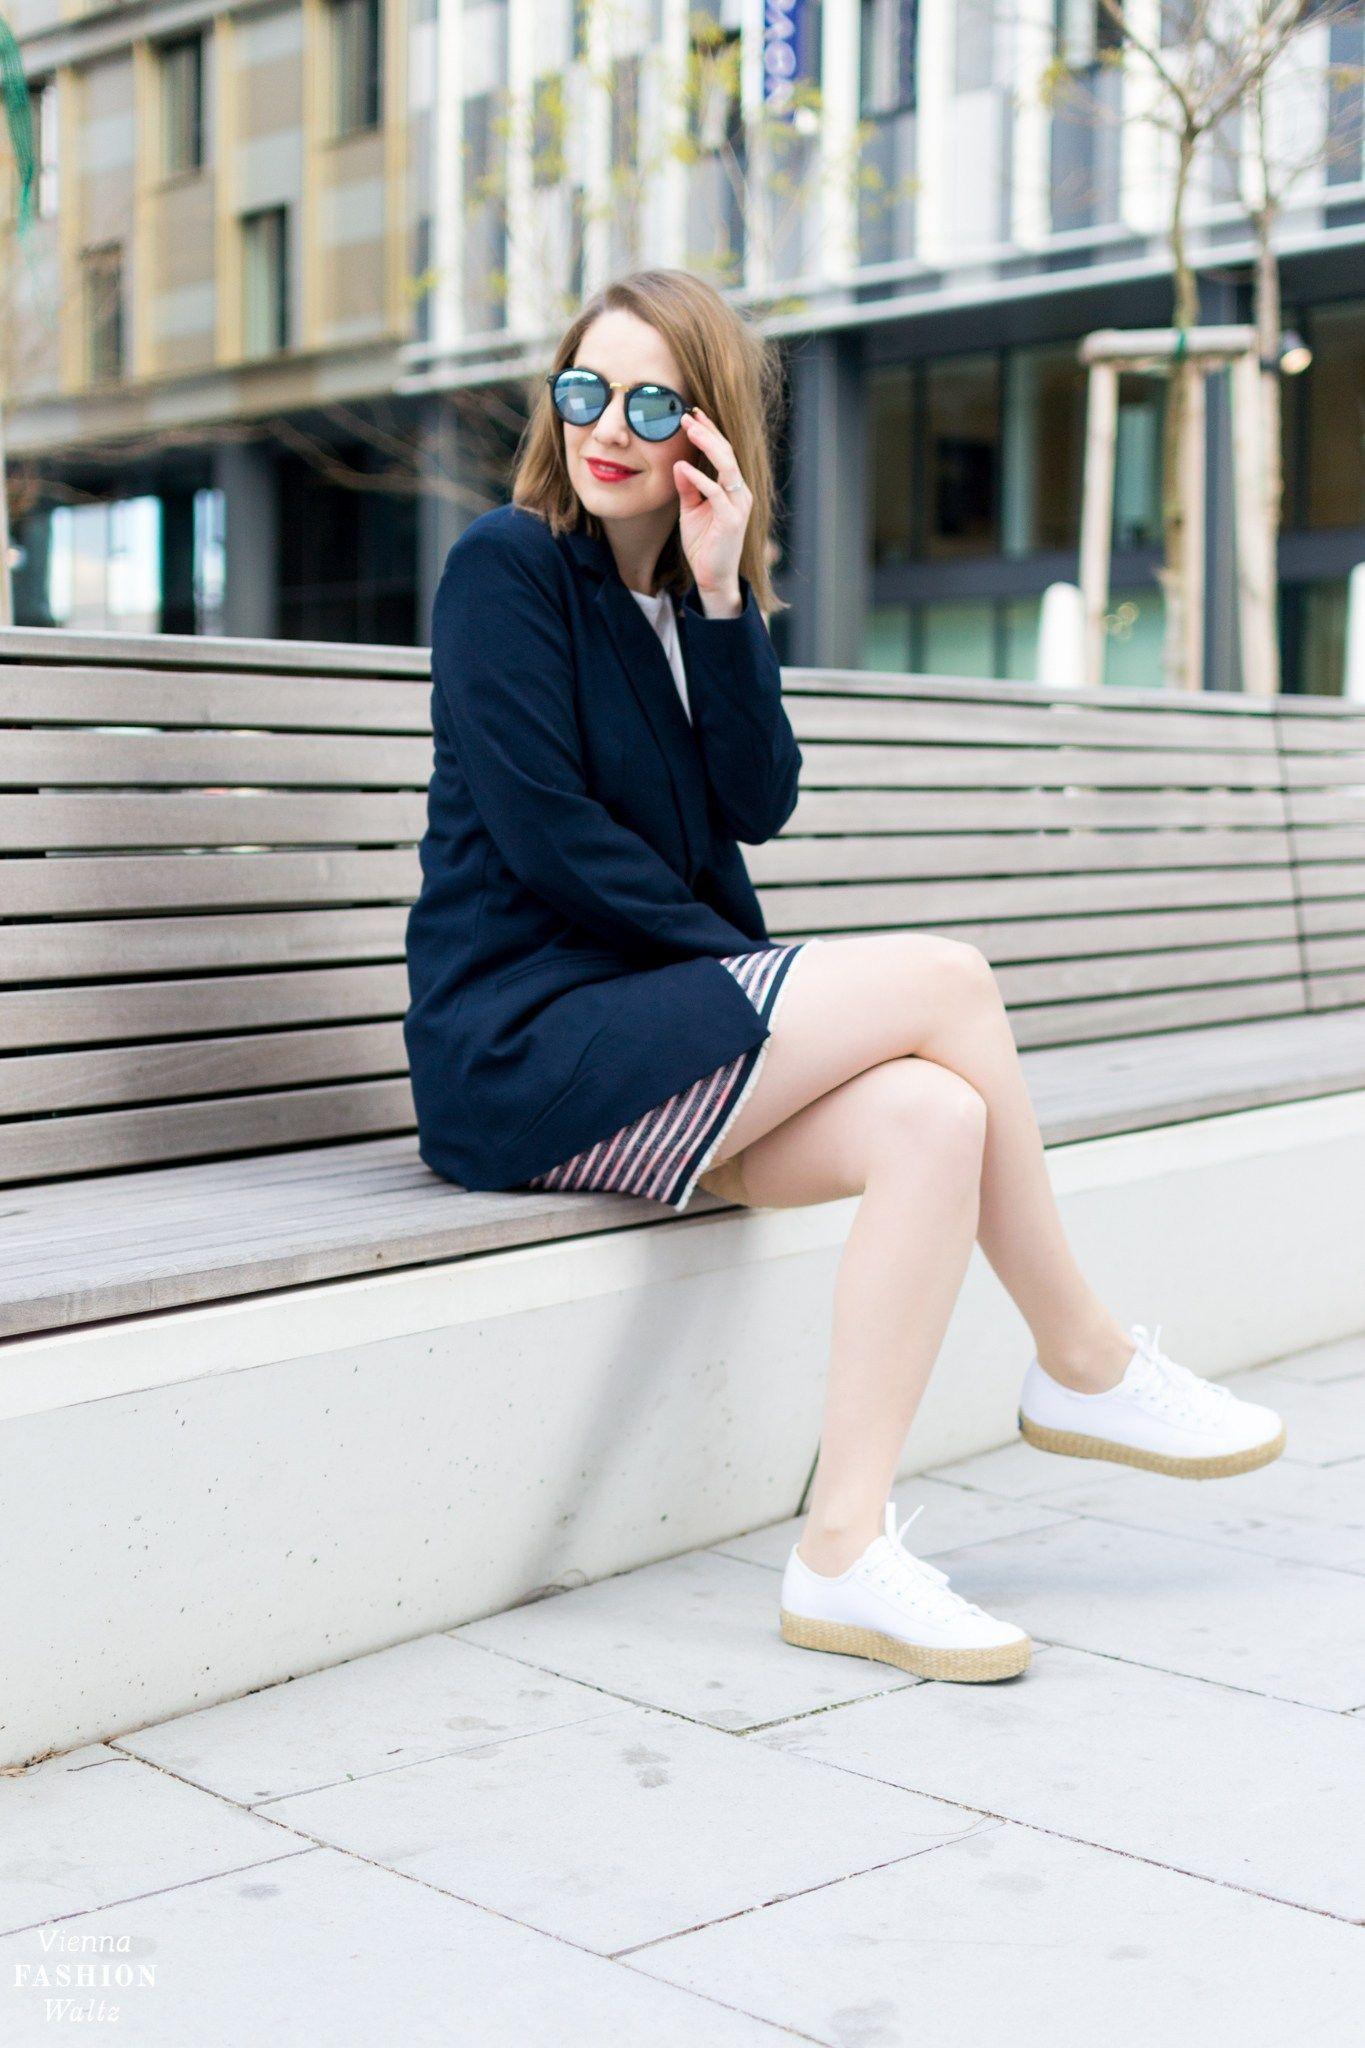 107a0726c2d1e Blazer: Klassiker und Must-have #modefürfrauen #stylen #stylingtipps # powersuit #fashion #outfit #ootdfashion